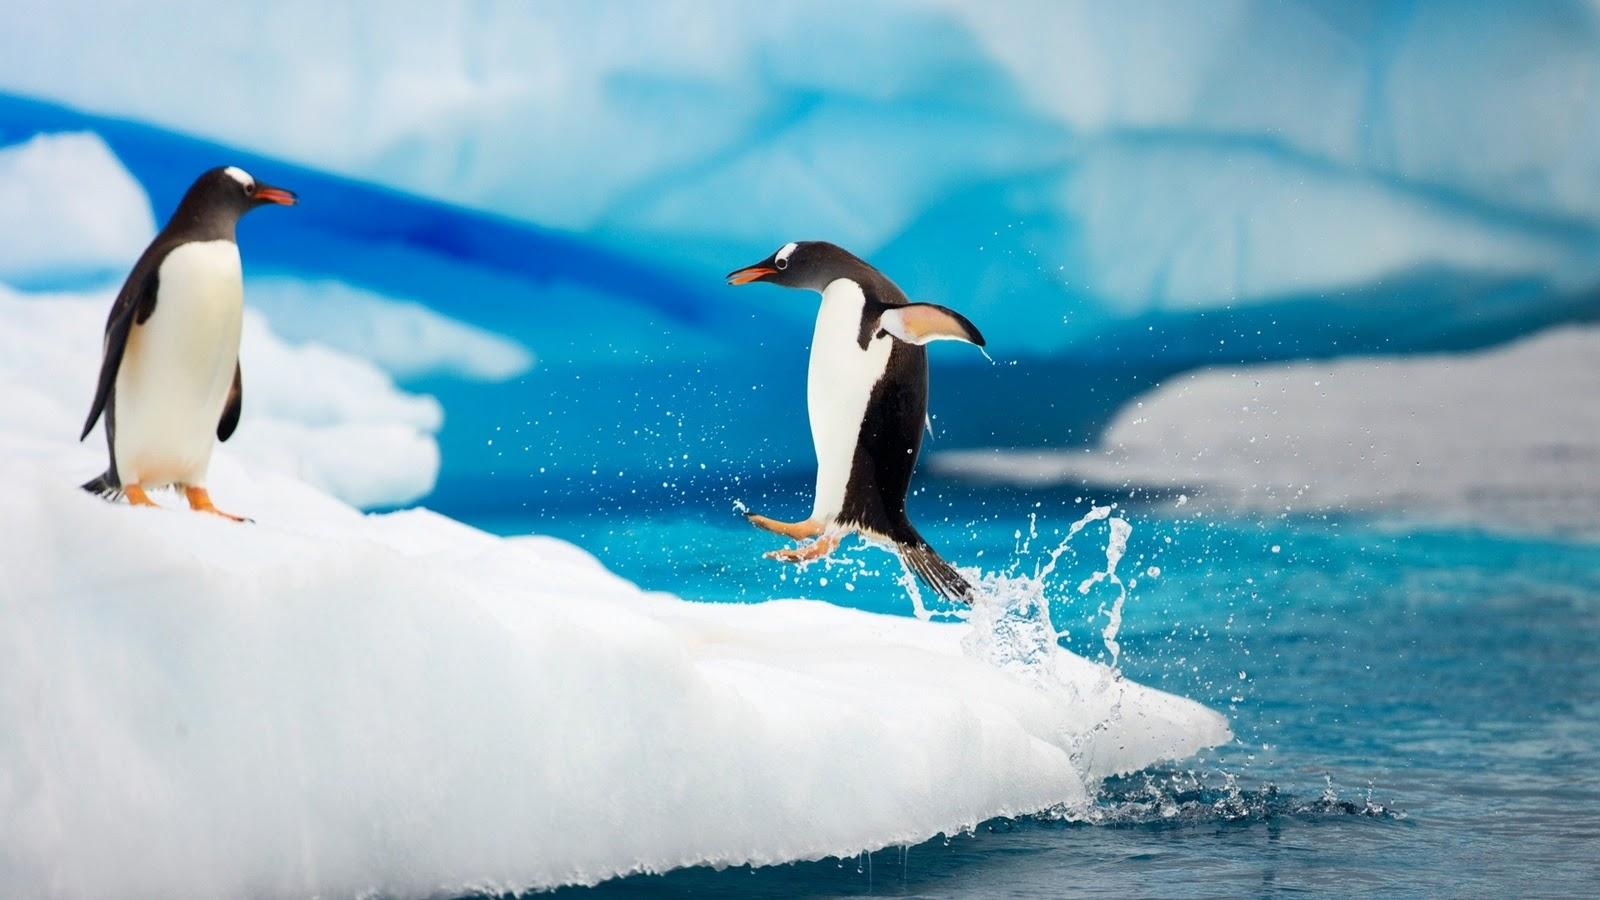 http://2.bp.blogspot.com/-w7d_KXZDAg4/Tvyl7joM2XI/AAAAAAAAAHA/fUdfLZAZL0o/s1600/cute-penguins-wallpapers.jpg